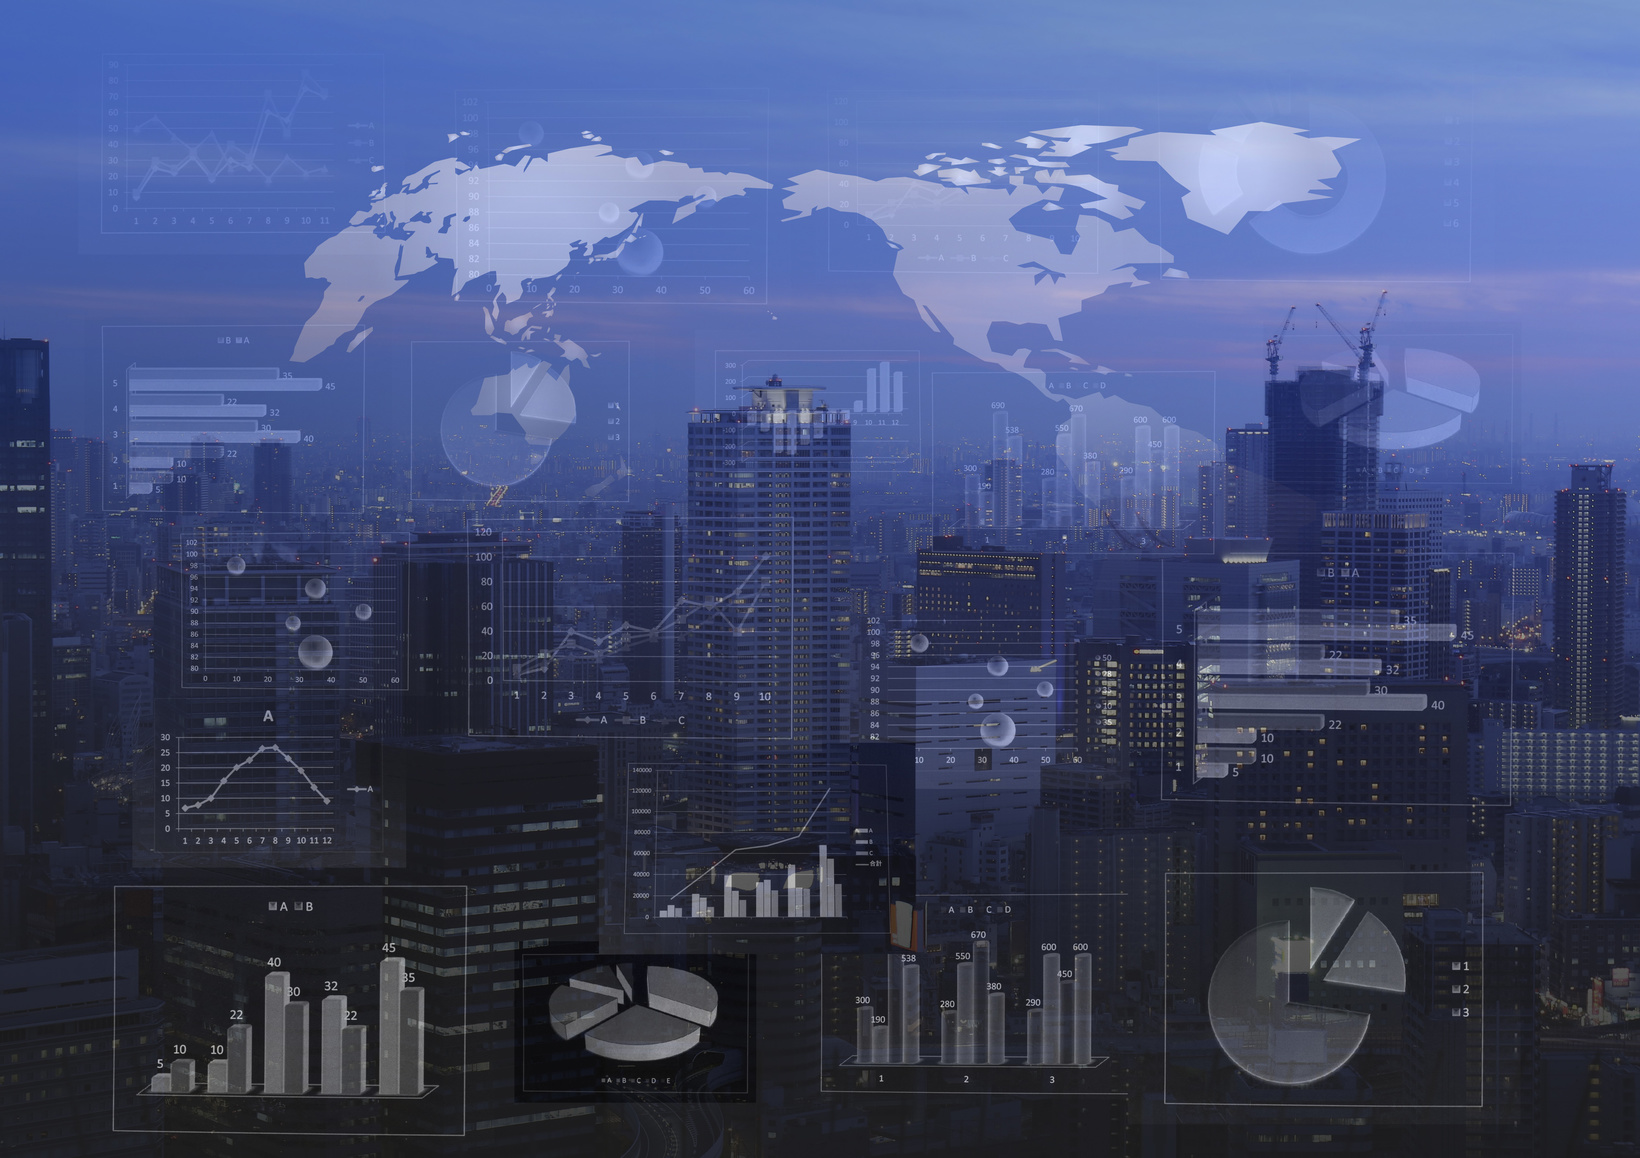 株価とは?価格上昇は企業にとってどのようなメリットがあるのか、概要とその見方を簡単に解説します。